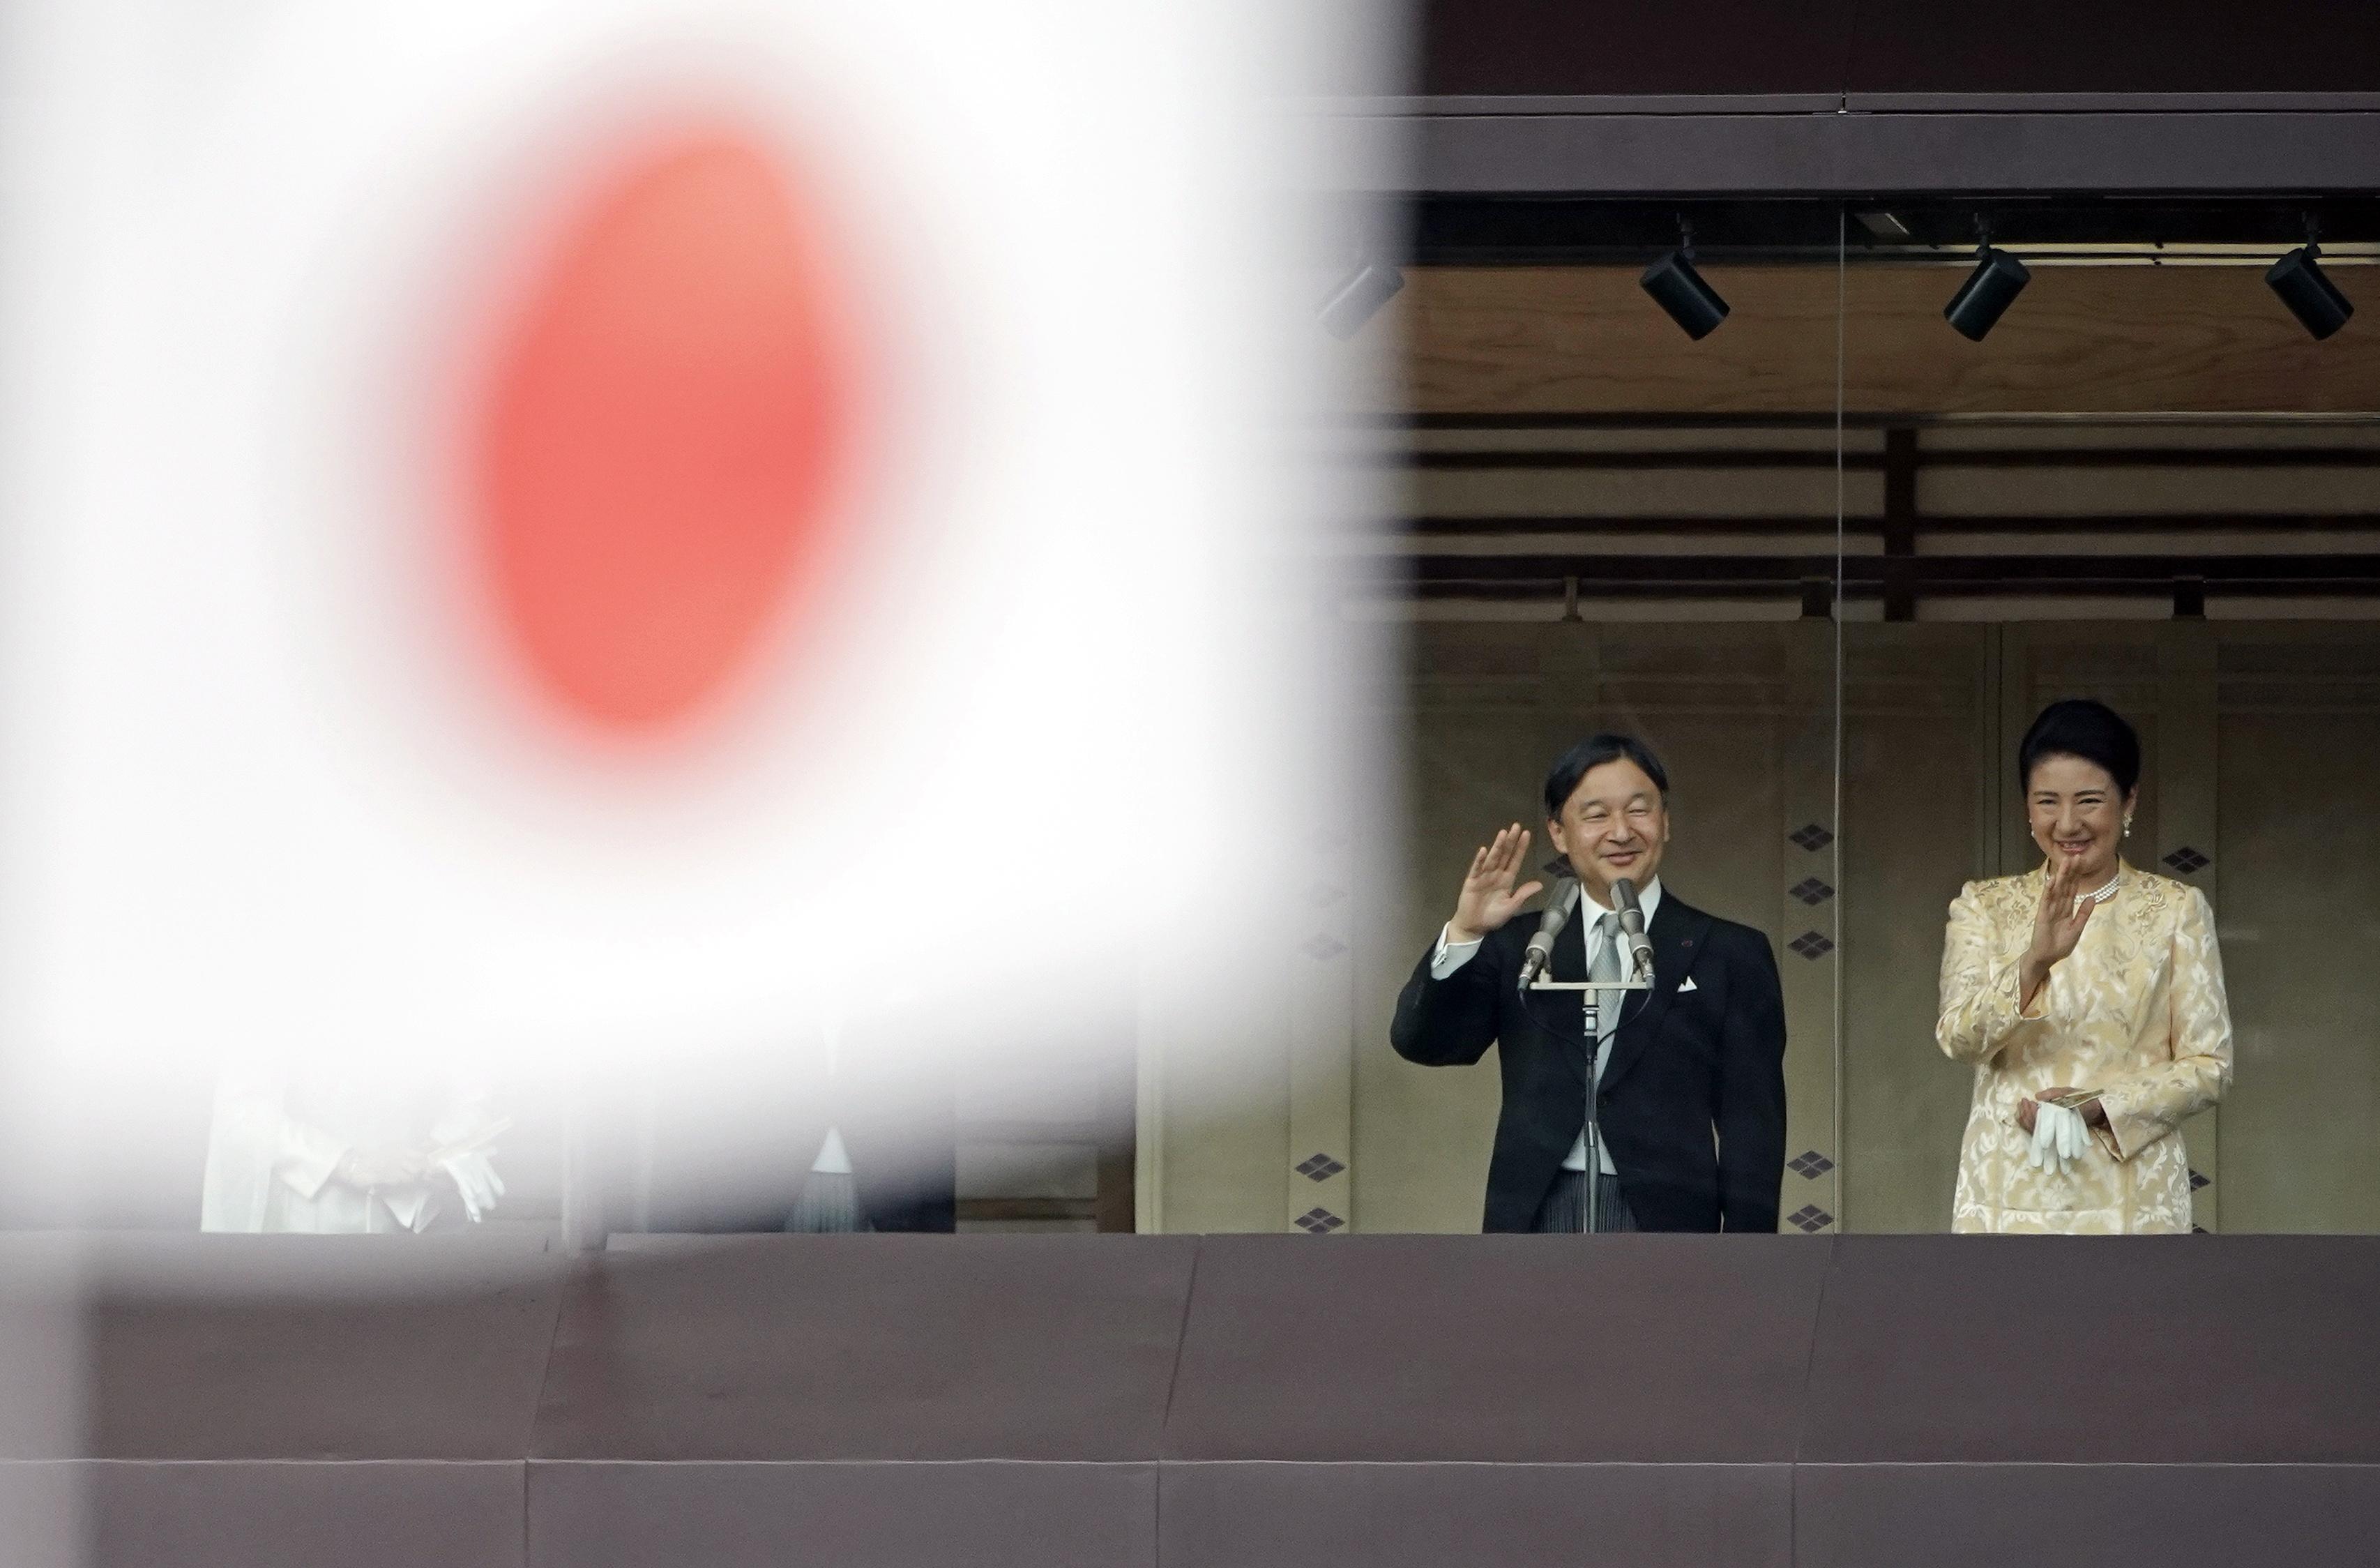 Japão cancela cerimónia pública de aniversário do imperador Naruhito